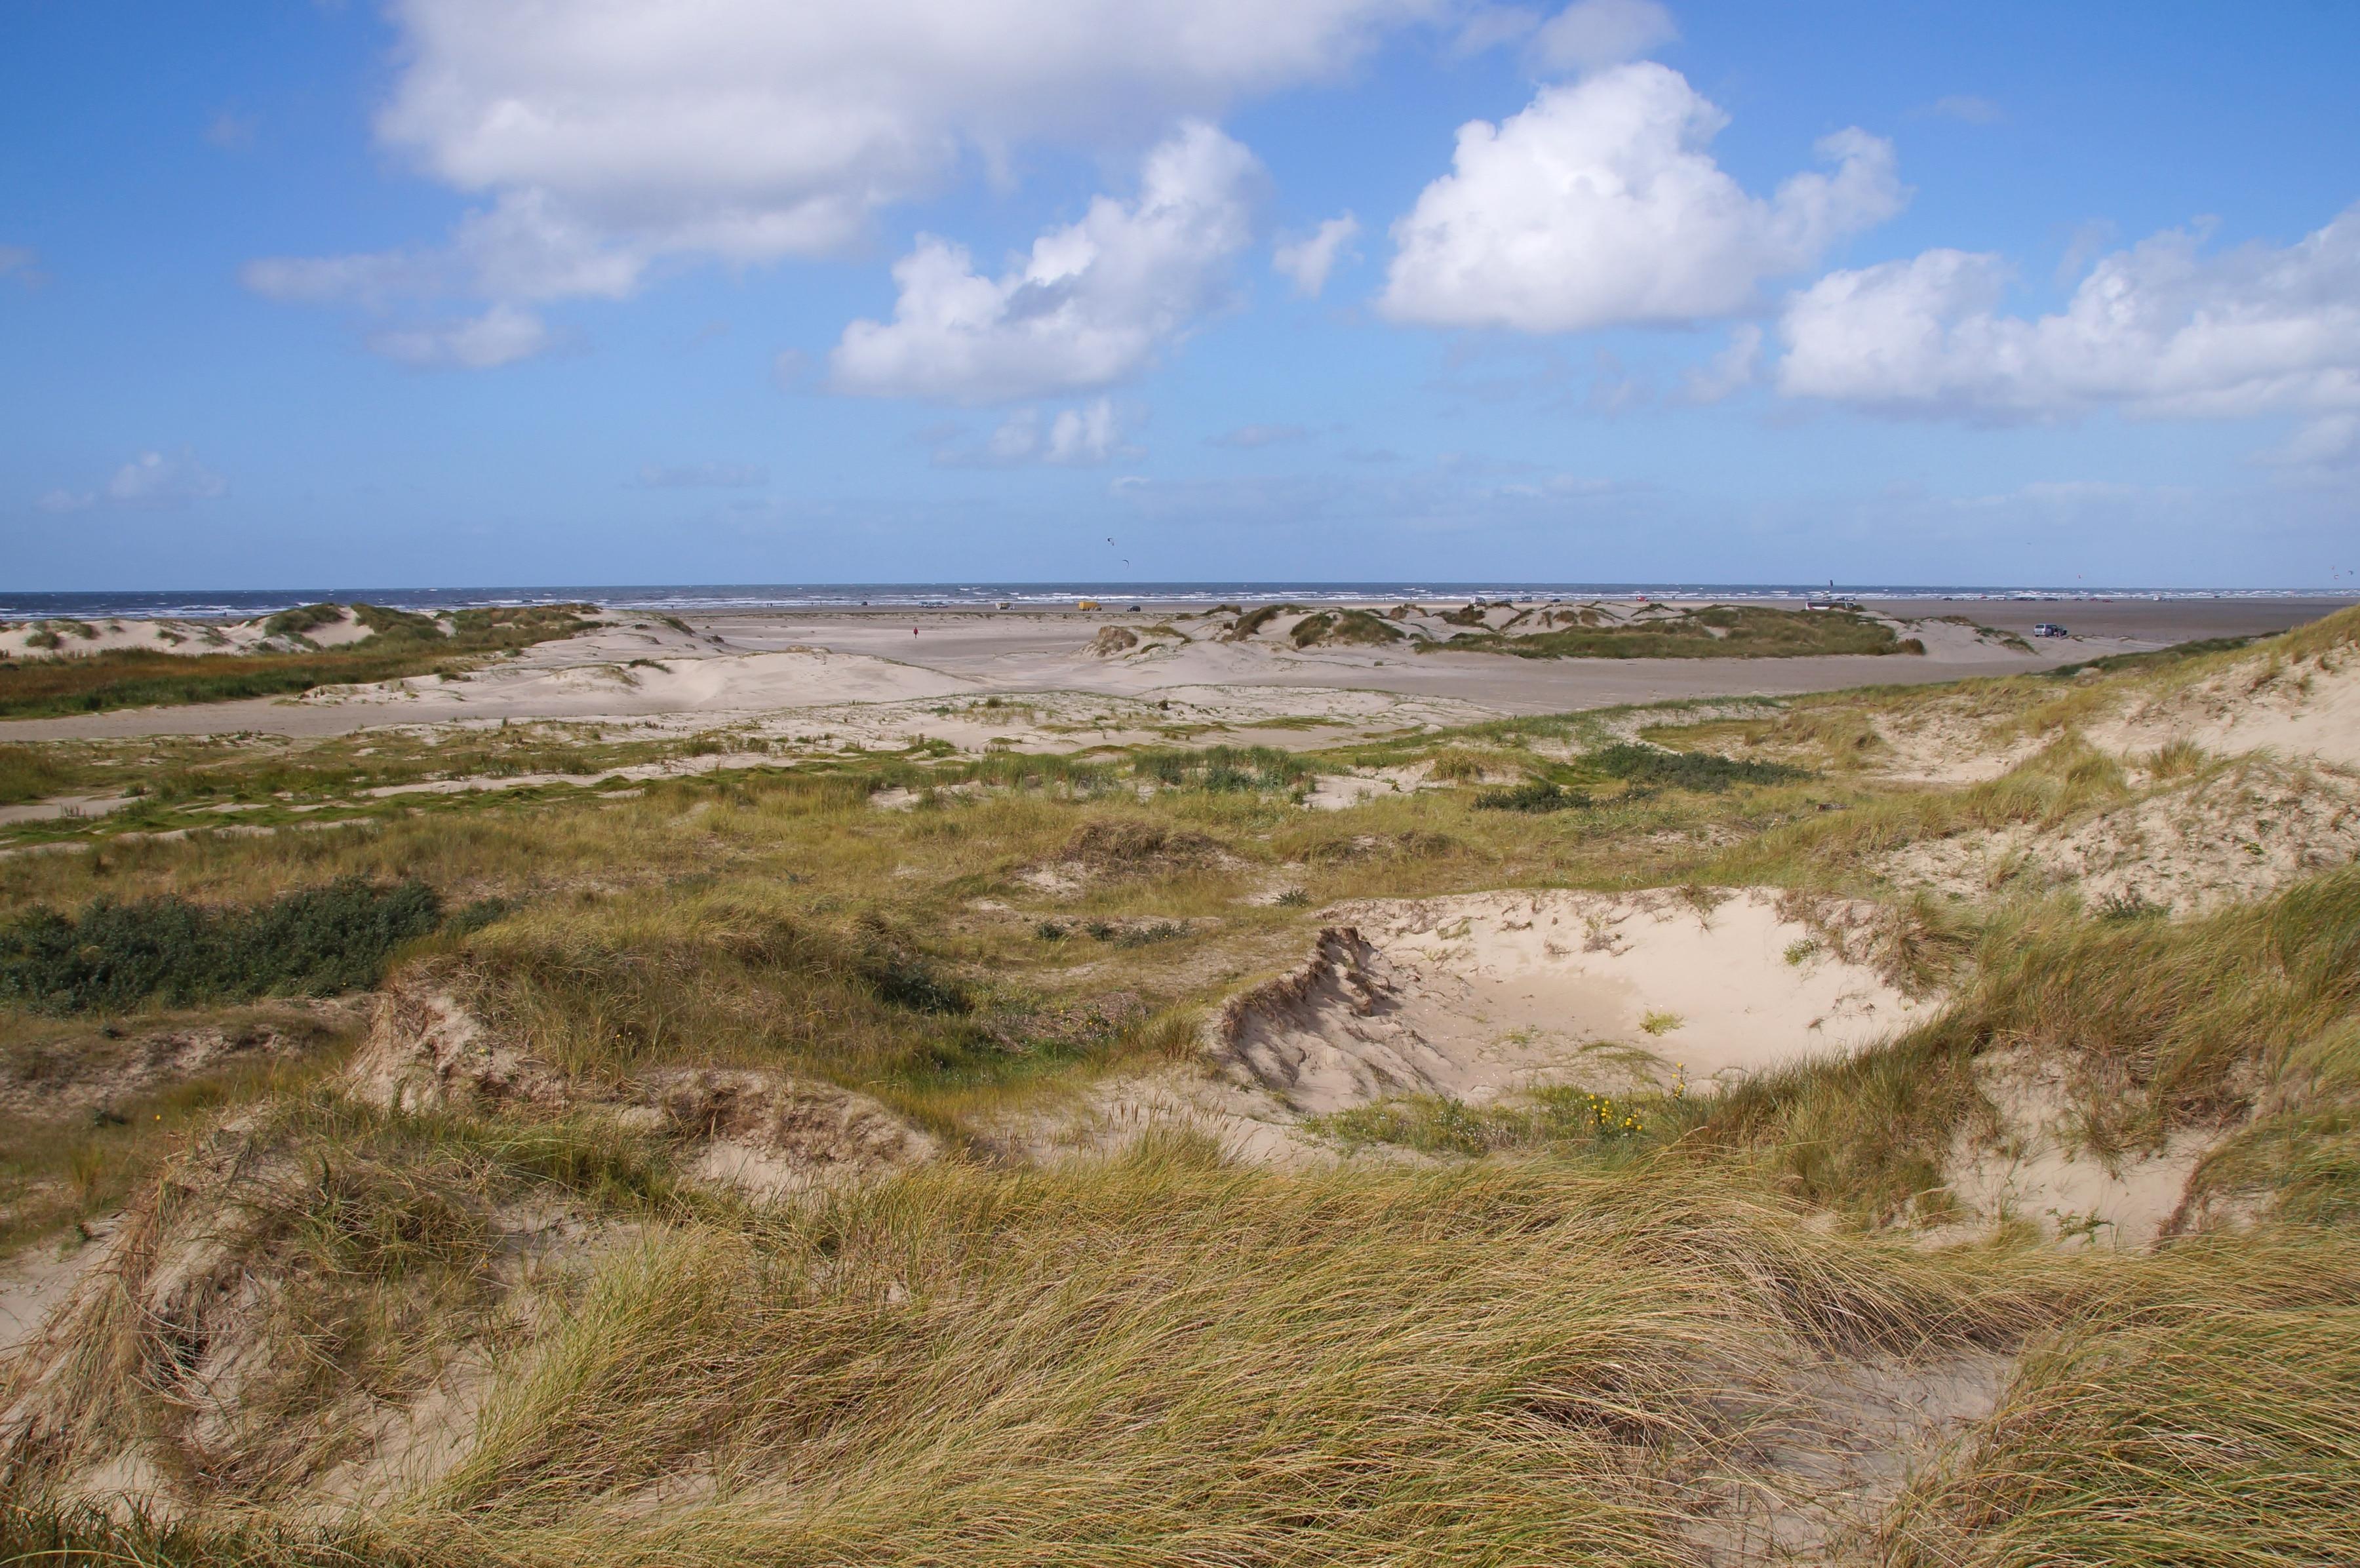 Romo, Syddanmark, Denmark